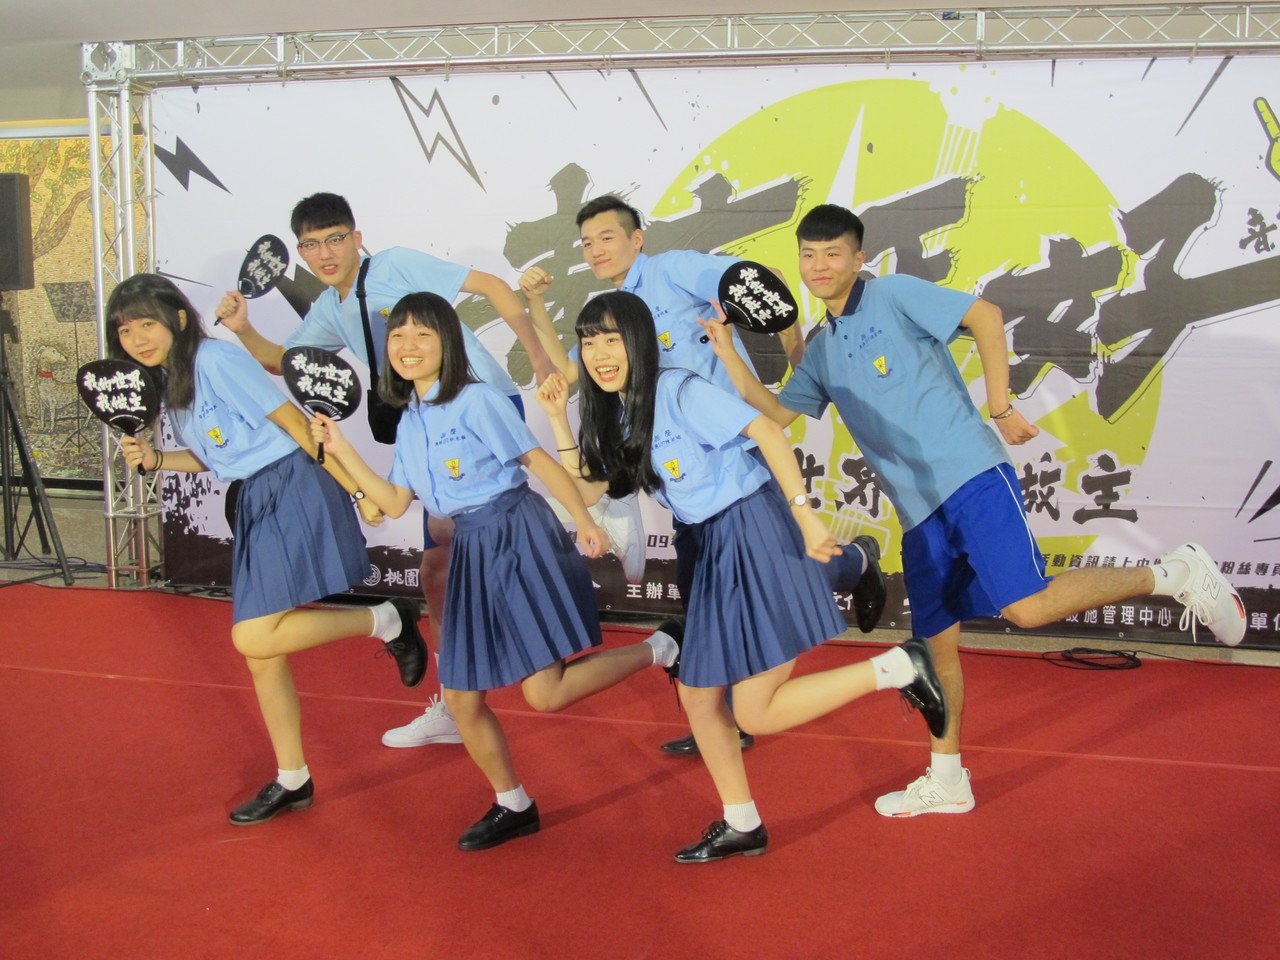 桃園高校熱音社團將和獨立樂團在系列演唱會「軋臺」交流。圖/桃園市文化局提供